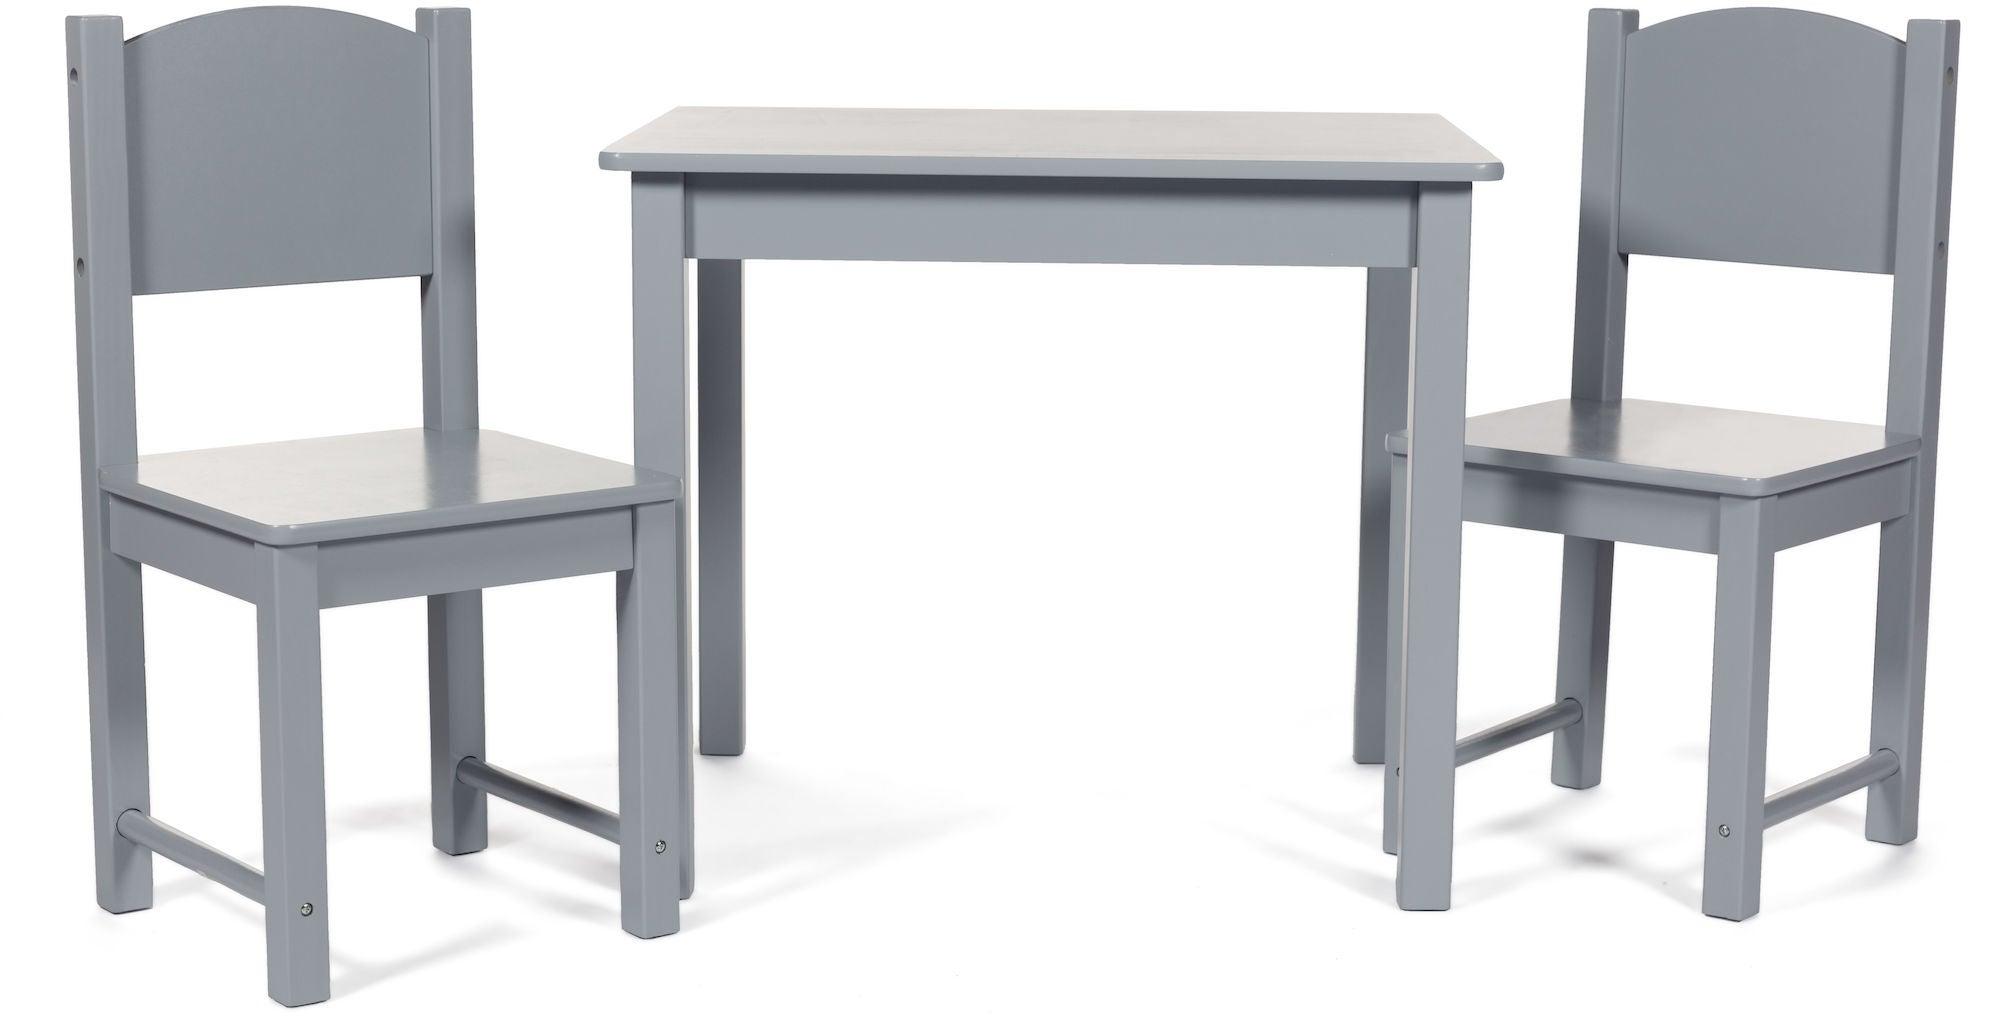 Kaufen Woodlii Tisch Und 2er Pack Stühle Grau Jollyroom